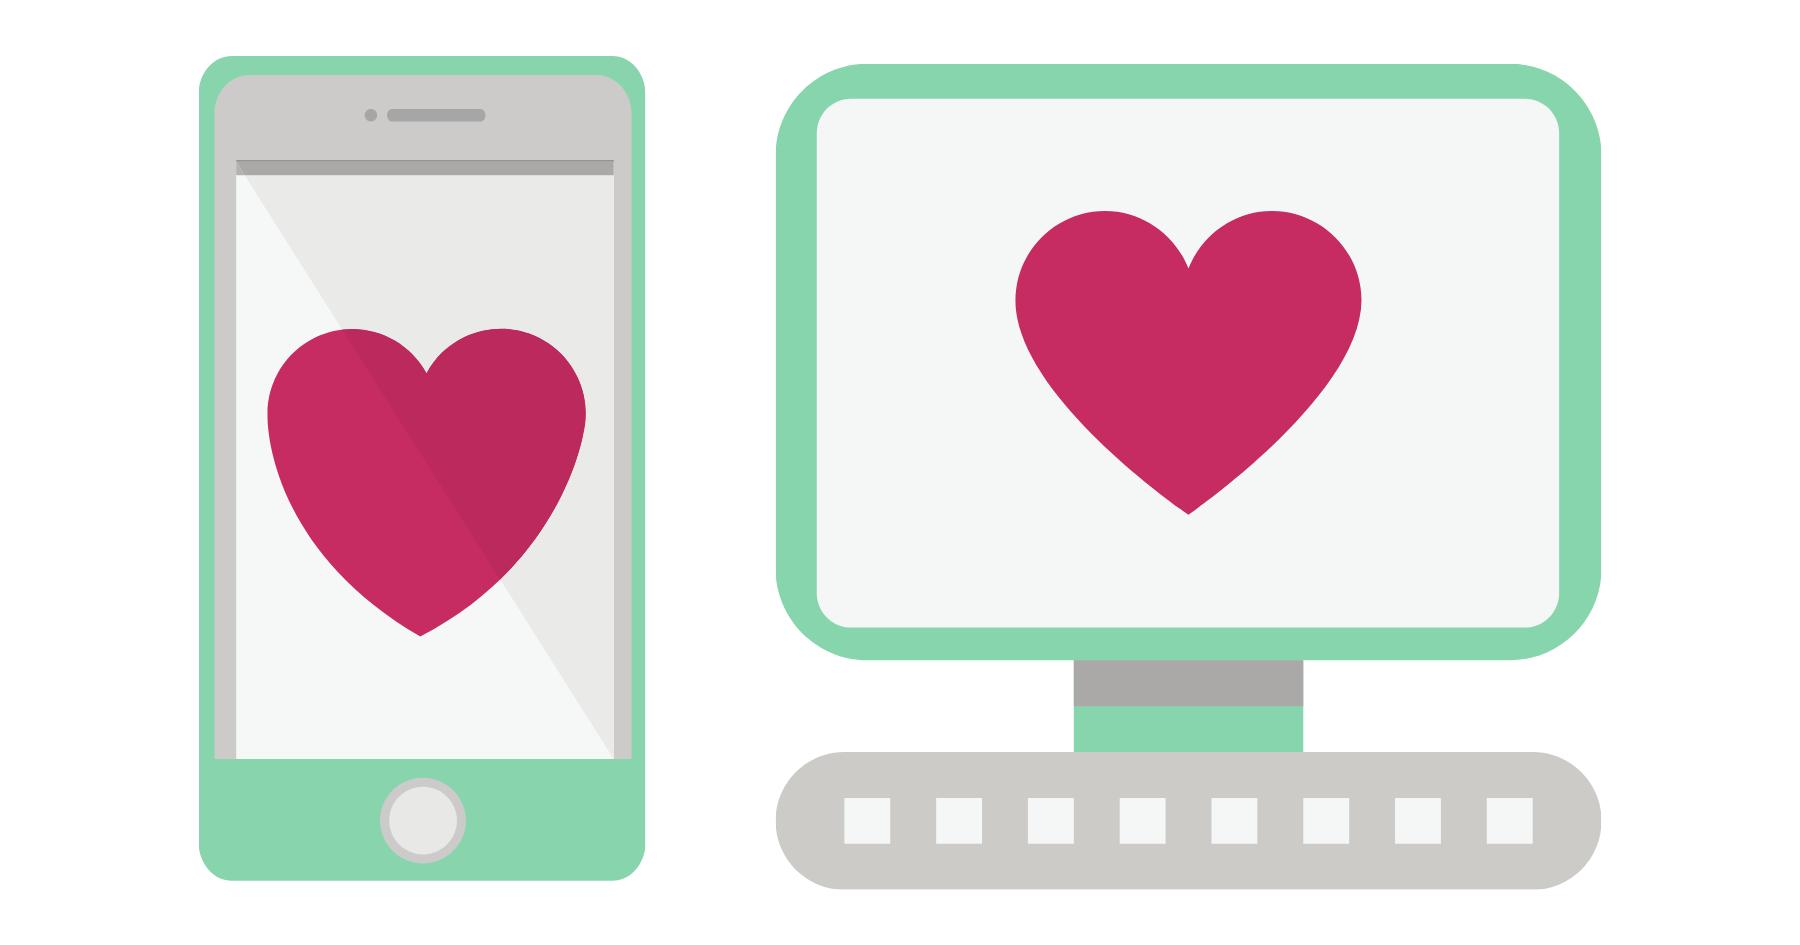 schermo mobile e schermo desktop